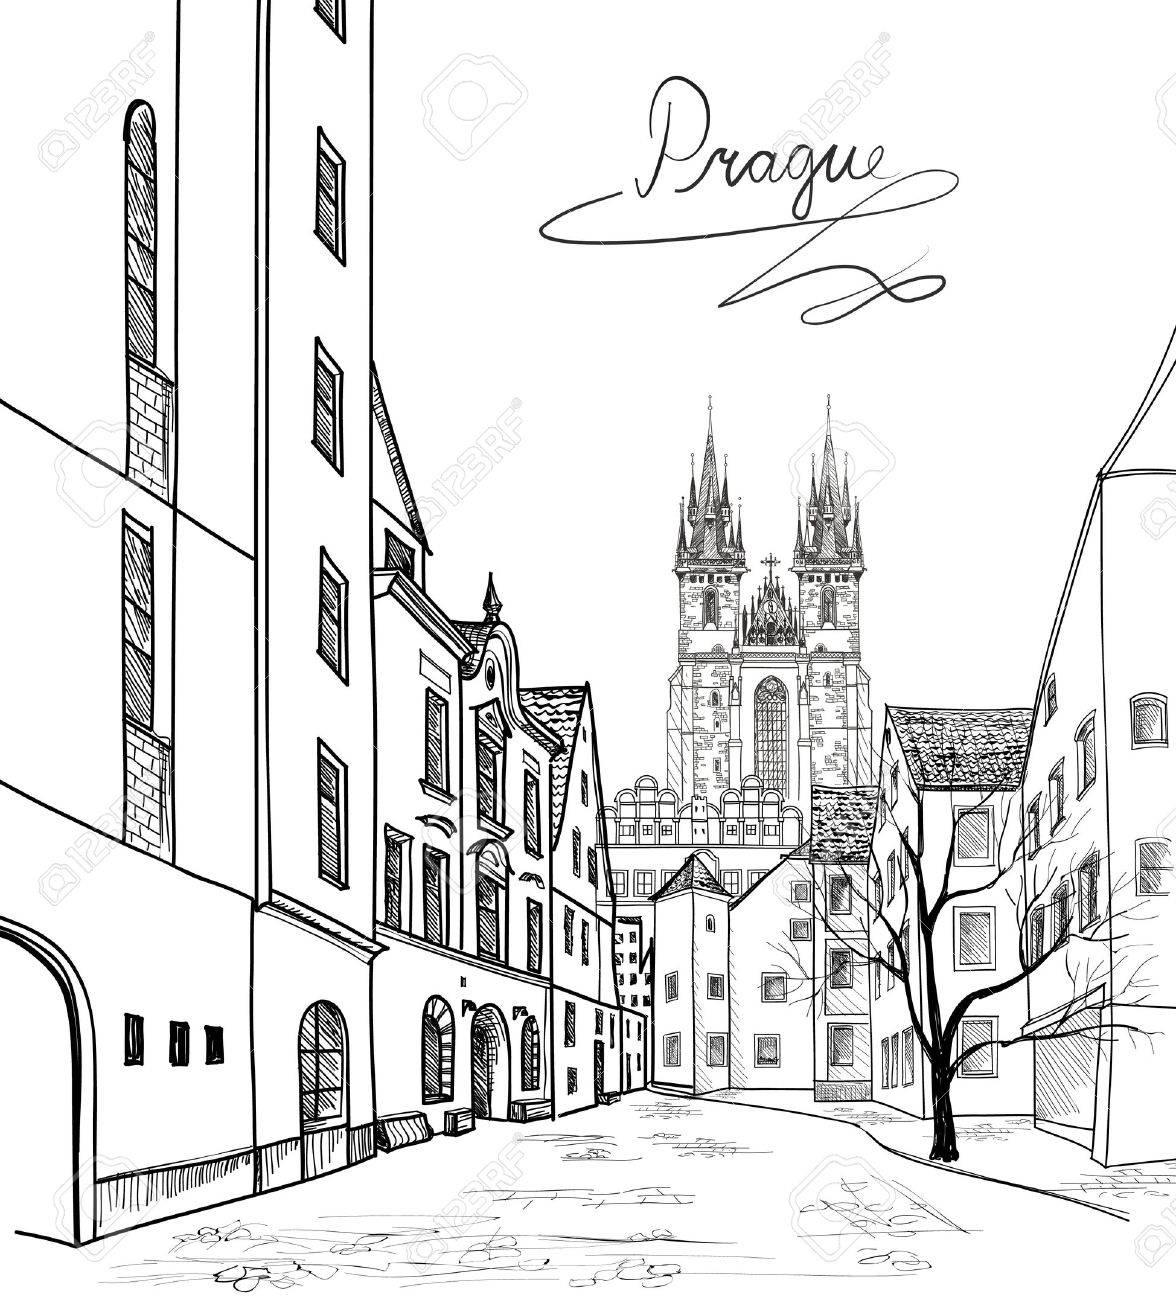 1176x1300 Old Town Of Prague, Czech Republic. Pedestrian Street In